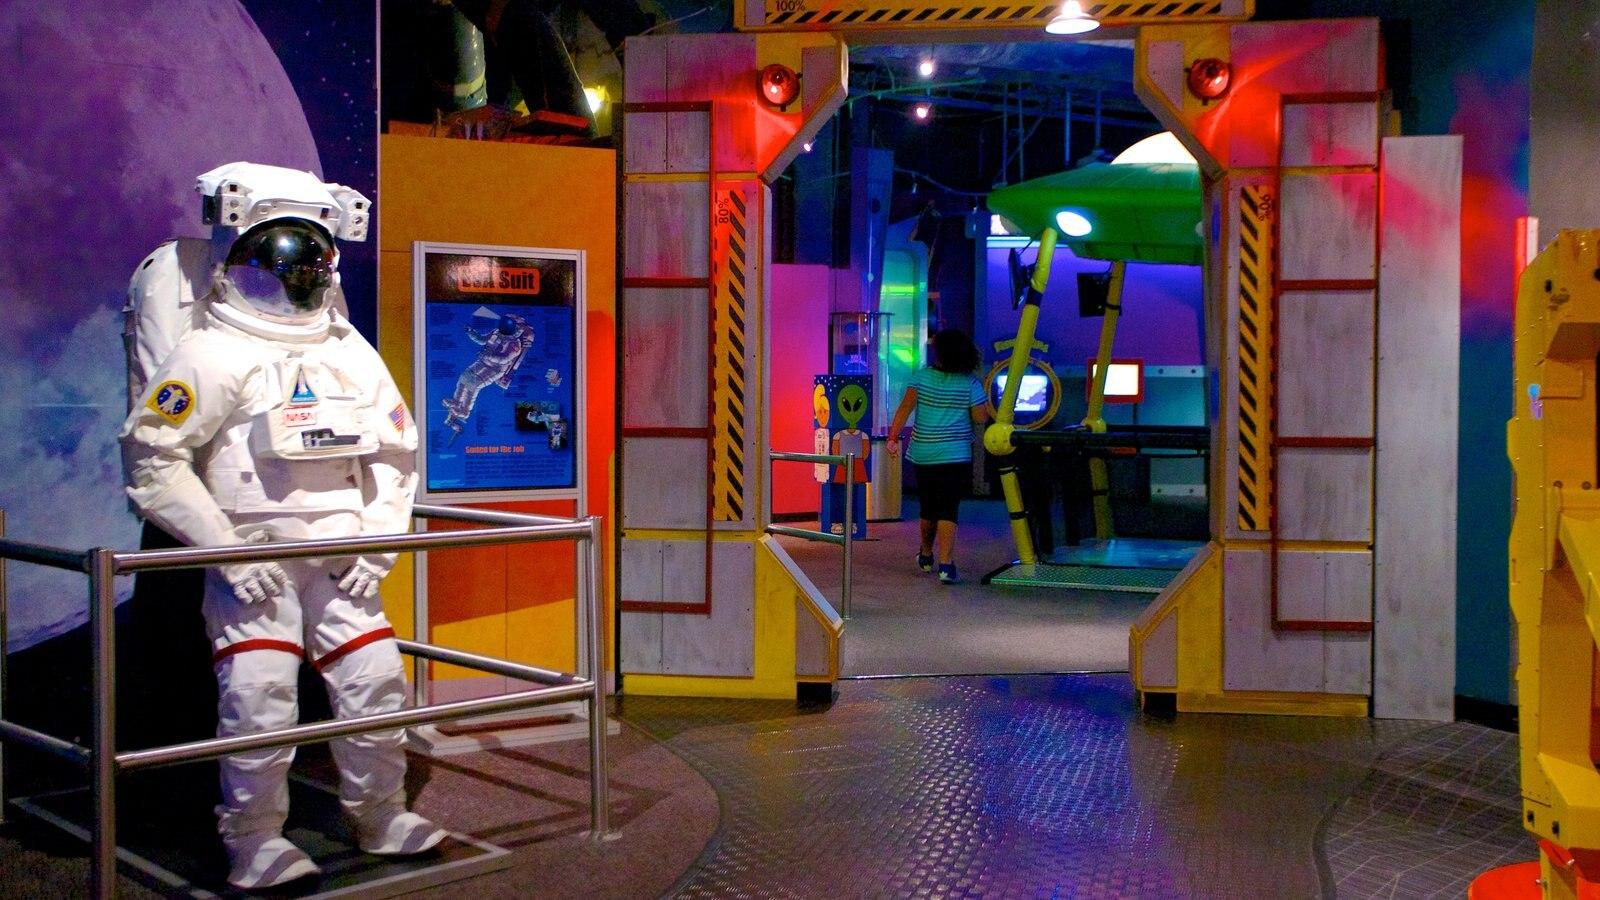 Wonderworks showing interior views